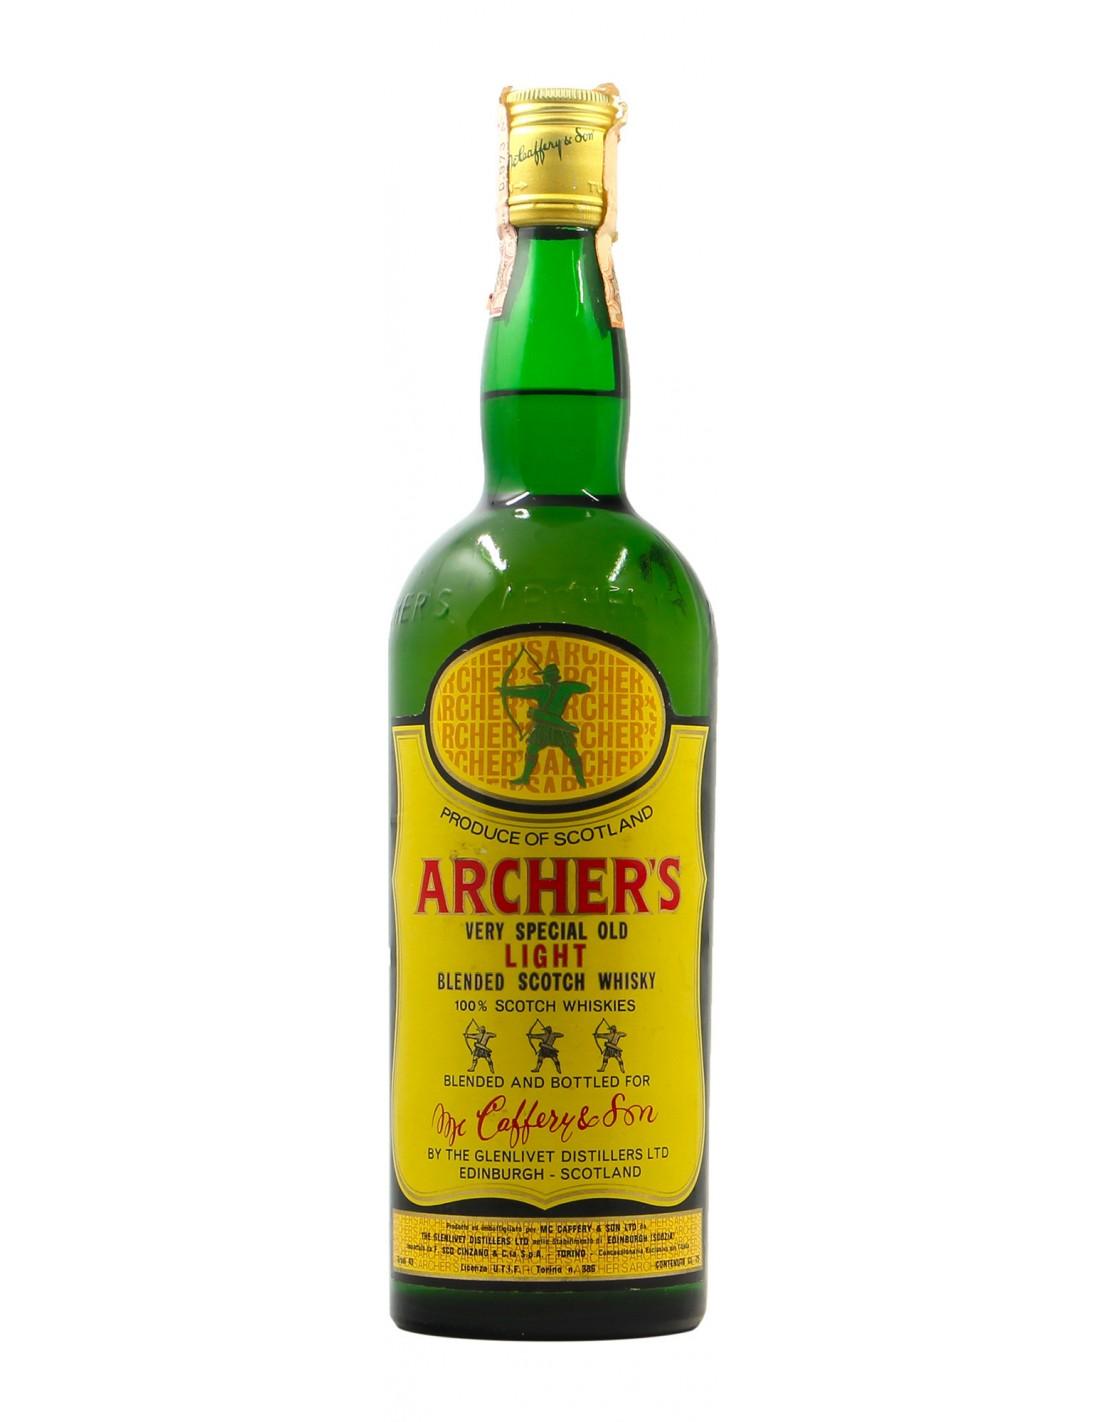 ARCHER'S VERY SPECIAL OLD LIGHT BLENDED SCOTCH WHISKY 75CL NV MC CAFFERY Grandi Bottiglie